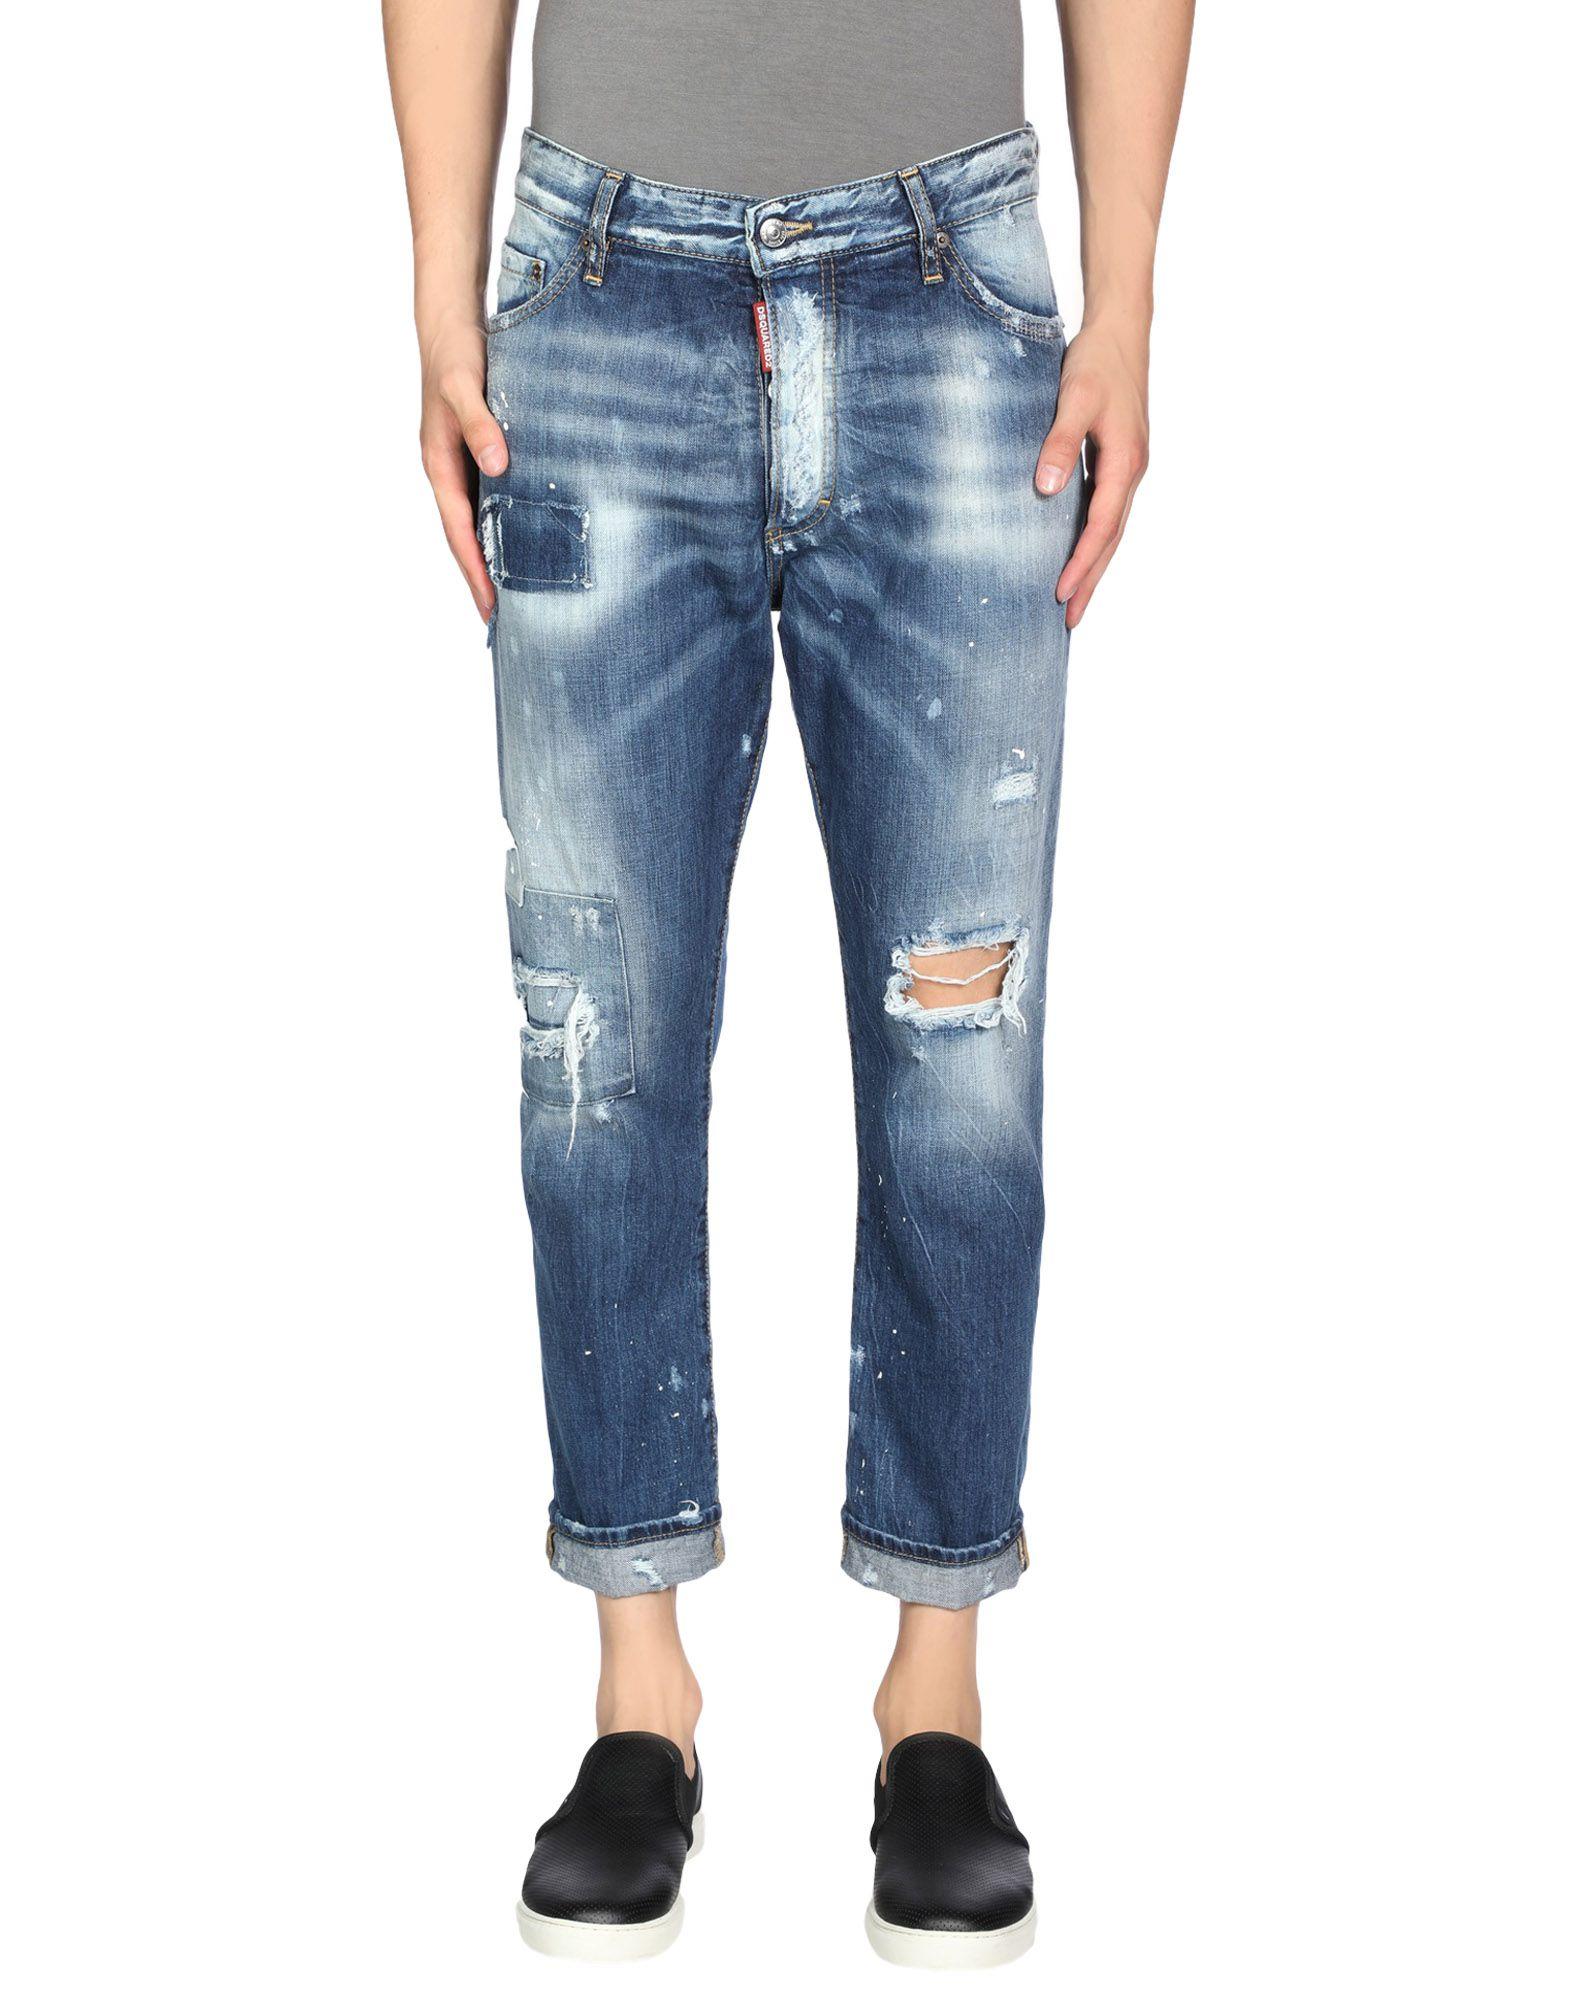 Dsquared2 Pantaloni Jeans - Dsquared2 Uomo - YOOX 5912b7c1b638